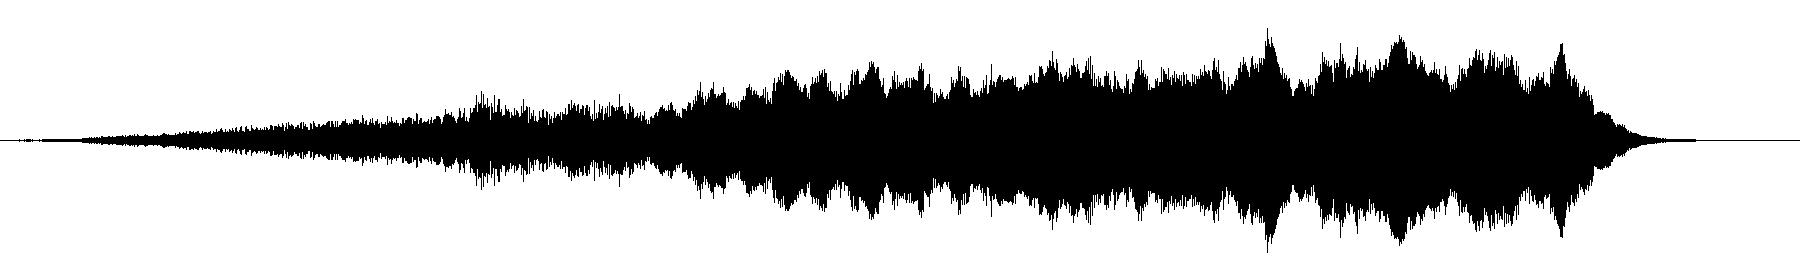 str glissoct 03 xc